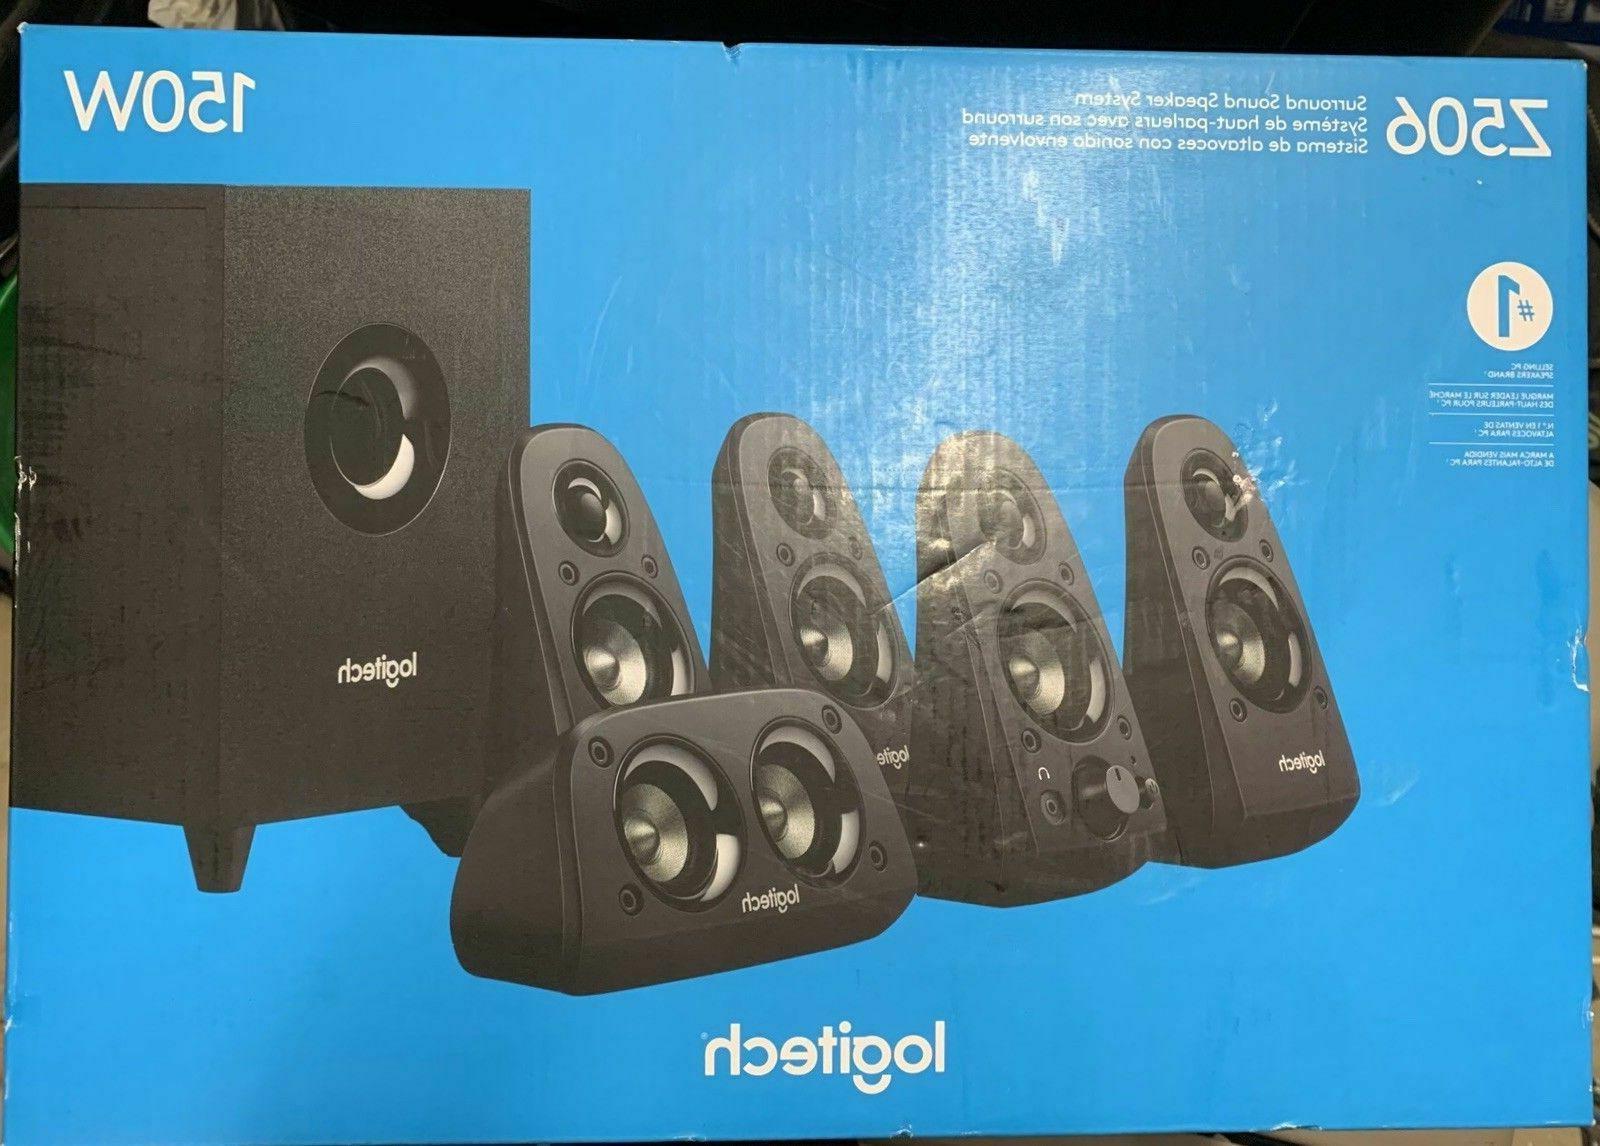 Logitech Sound System